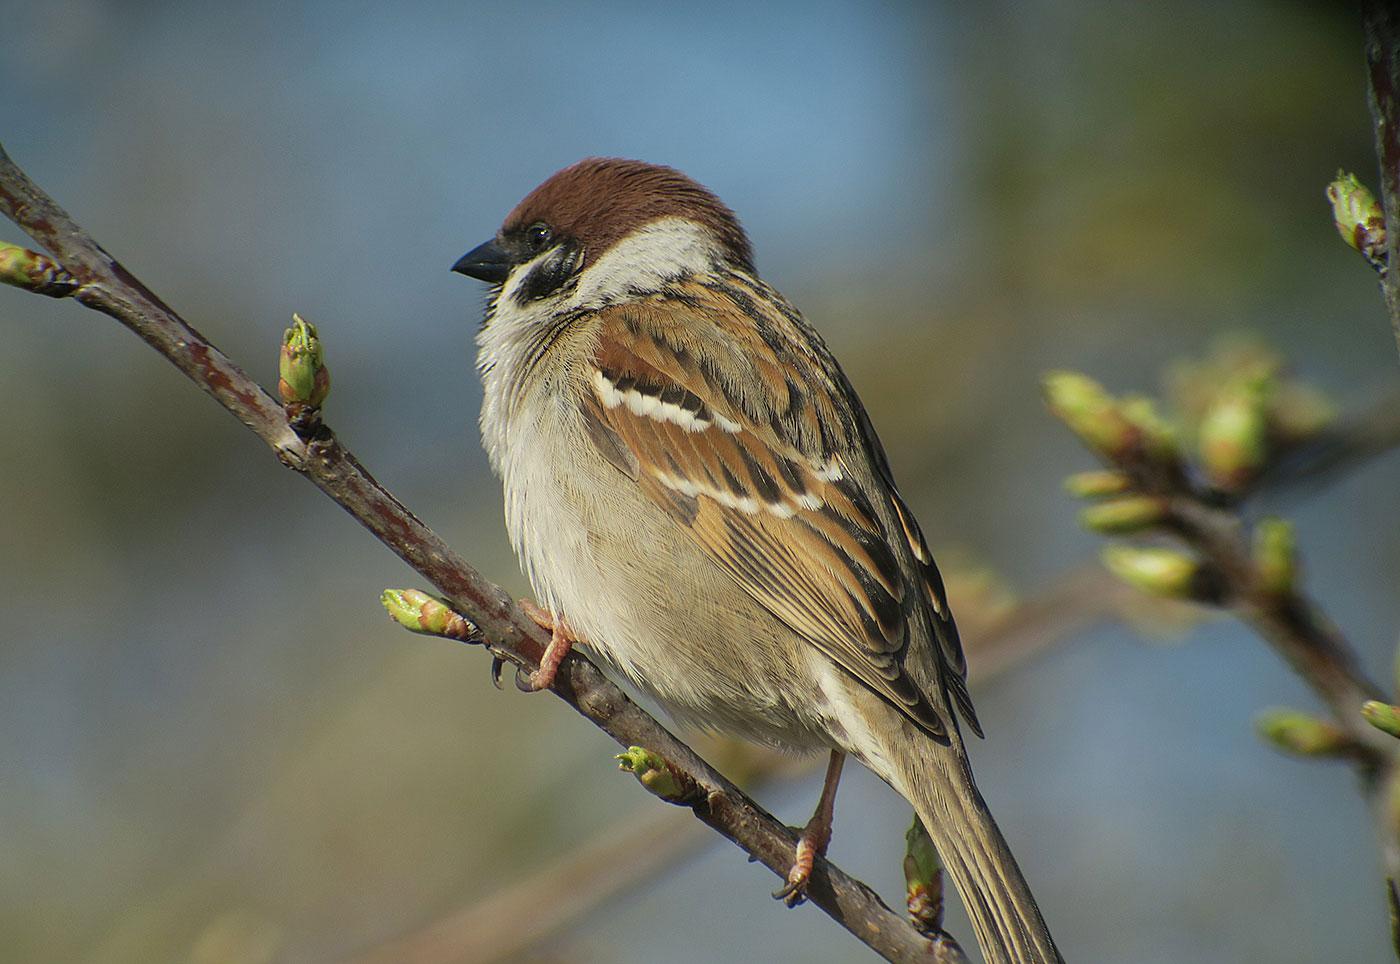 05_feldsperling_tree-sparrow_echinger_stausee_2019-03-31_8387